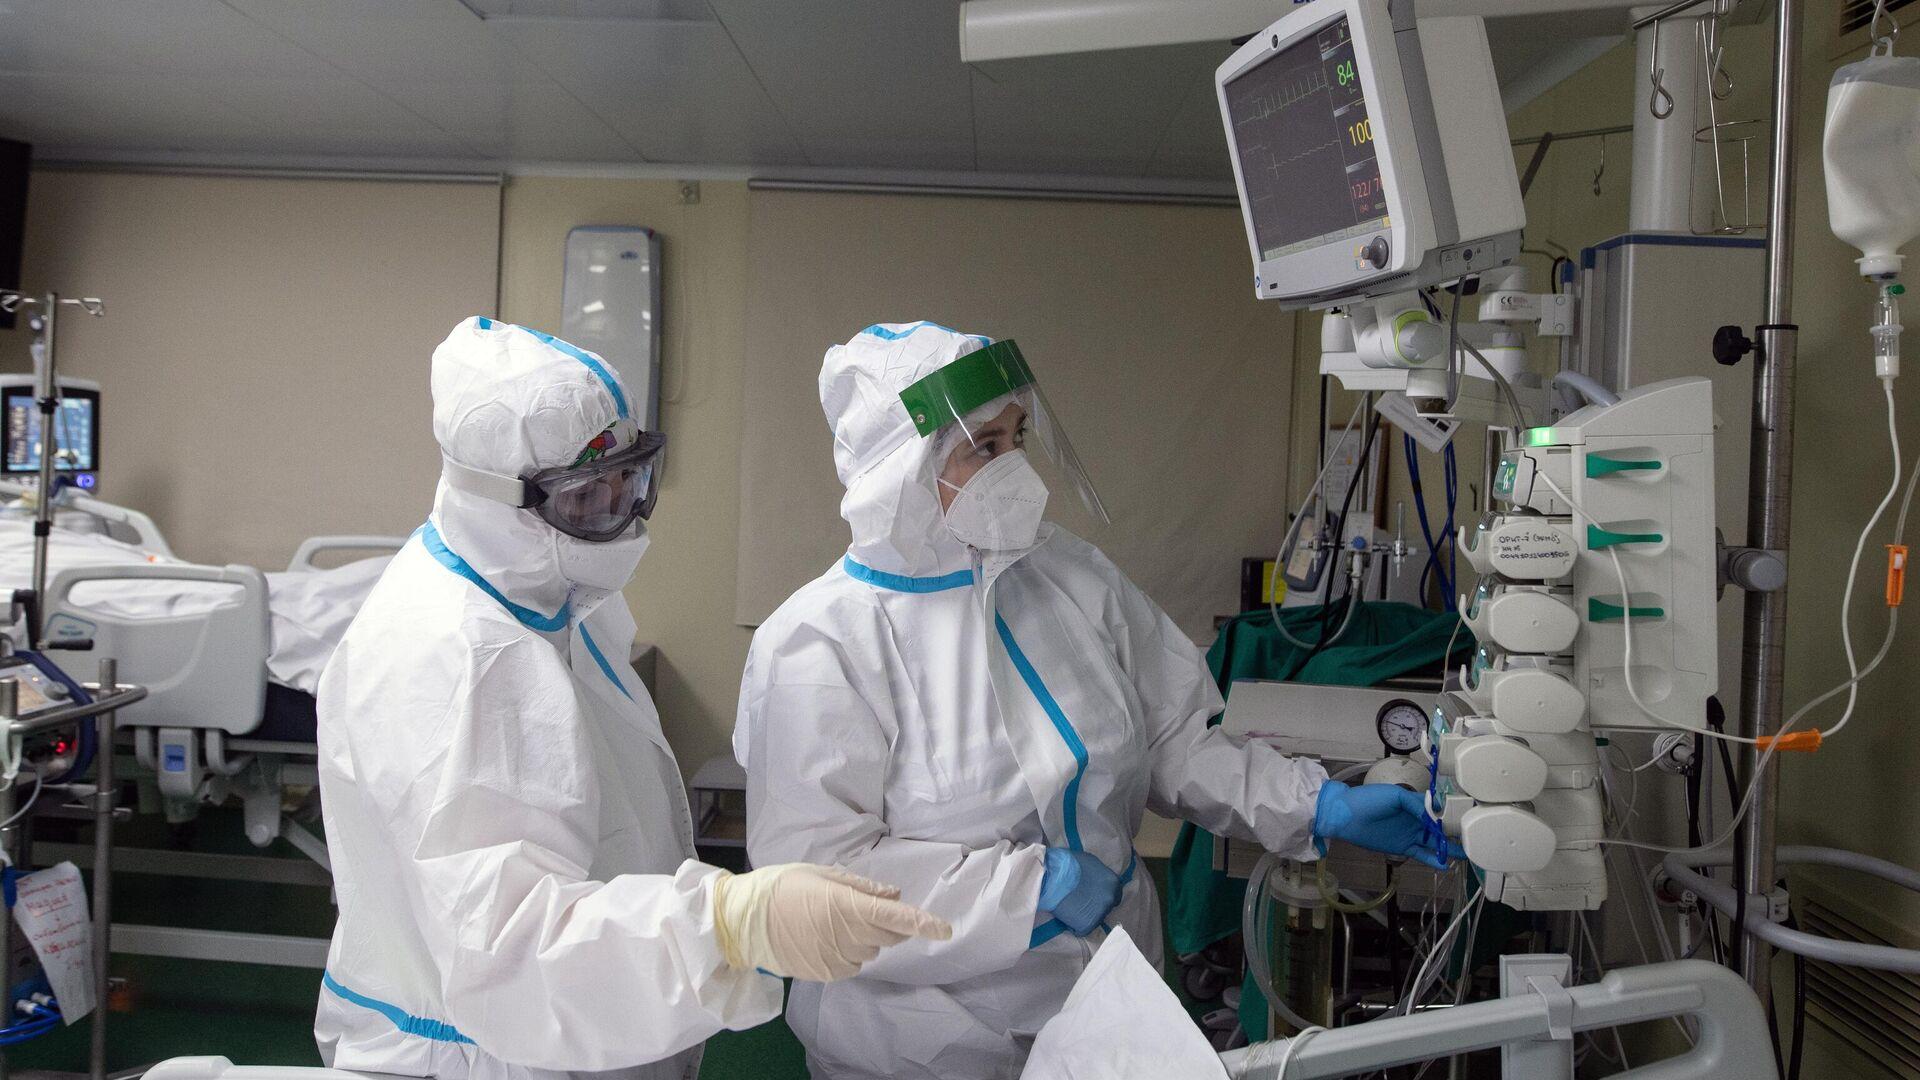 Медицинские работники в отделении реанимации и интенсивной терапии в госпитале COVID-19 в городской клинической больнице № 52 в Москве - РИА Новости, 1920, 01.12.2020